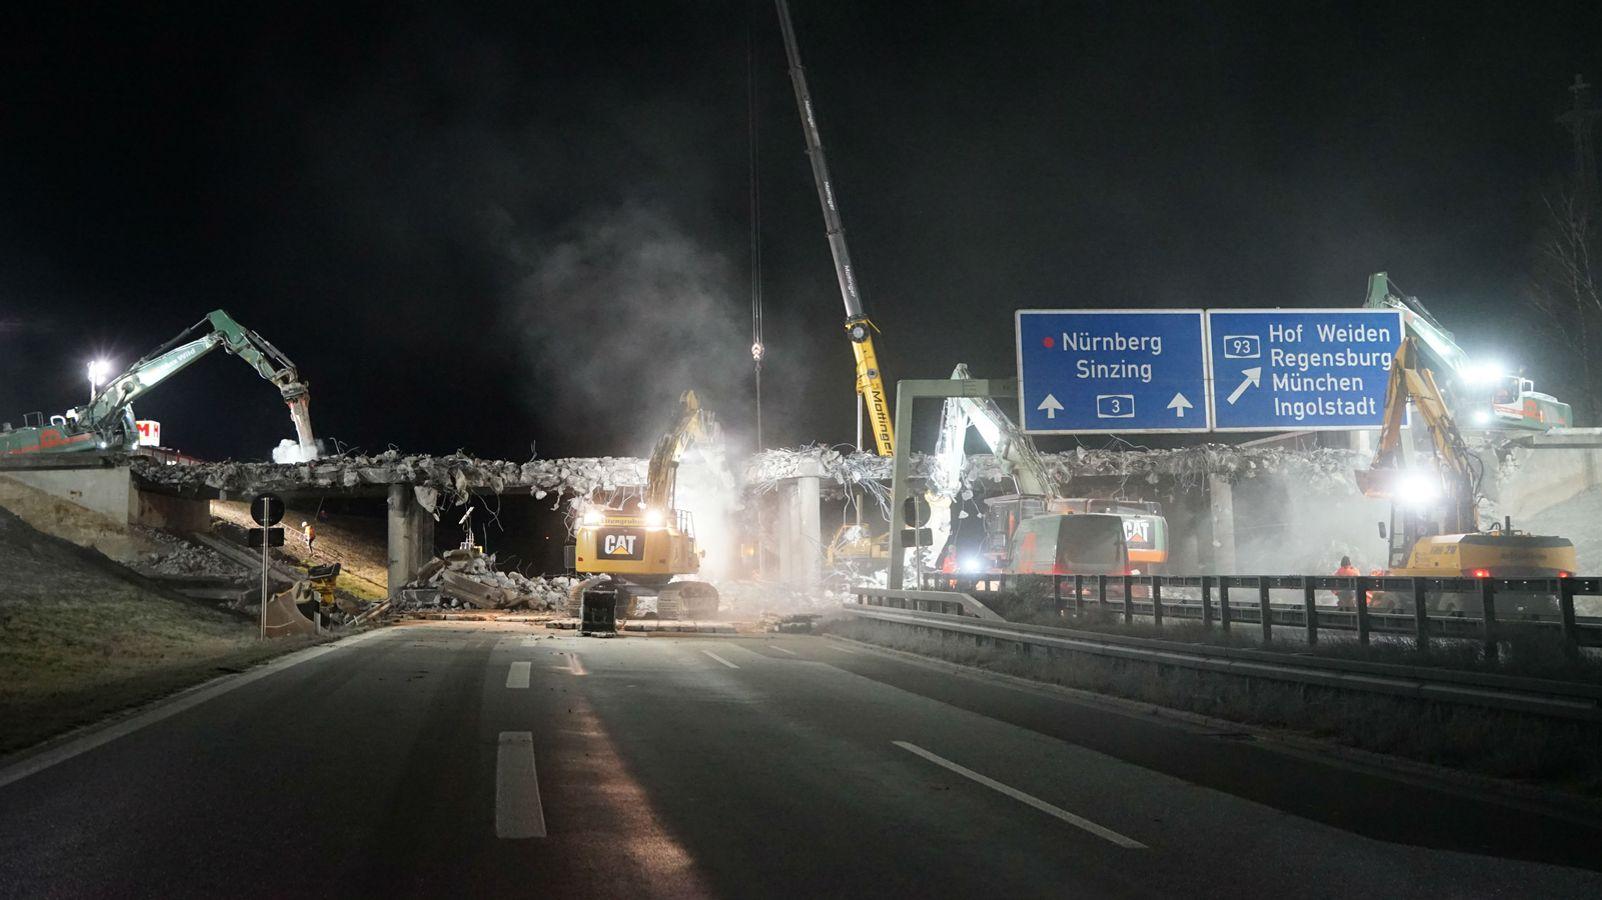 A3 bei Regensburg gesperrt: Brückenabbruch läuft planmäßig